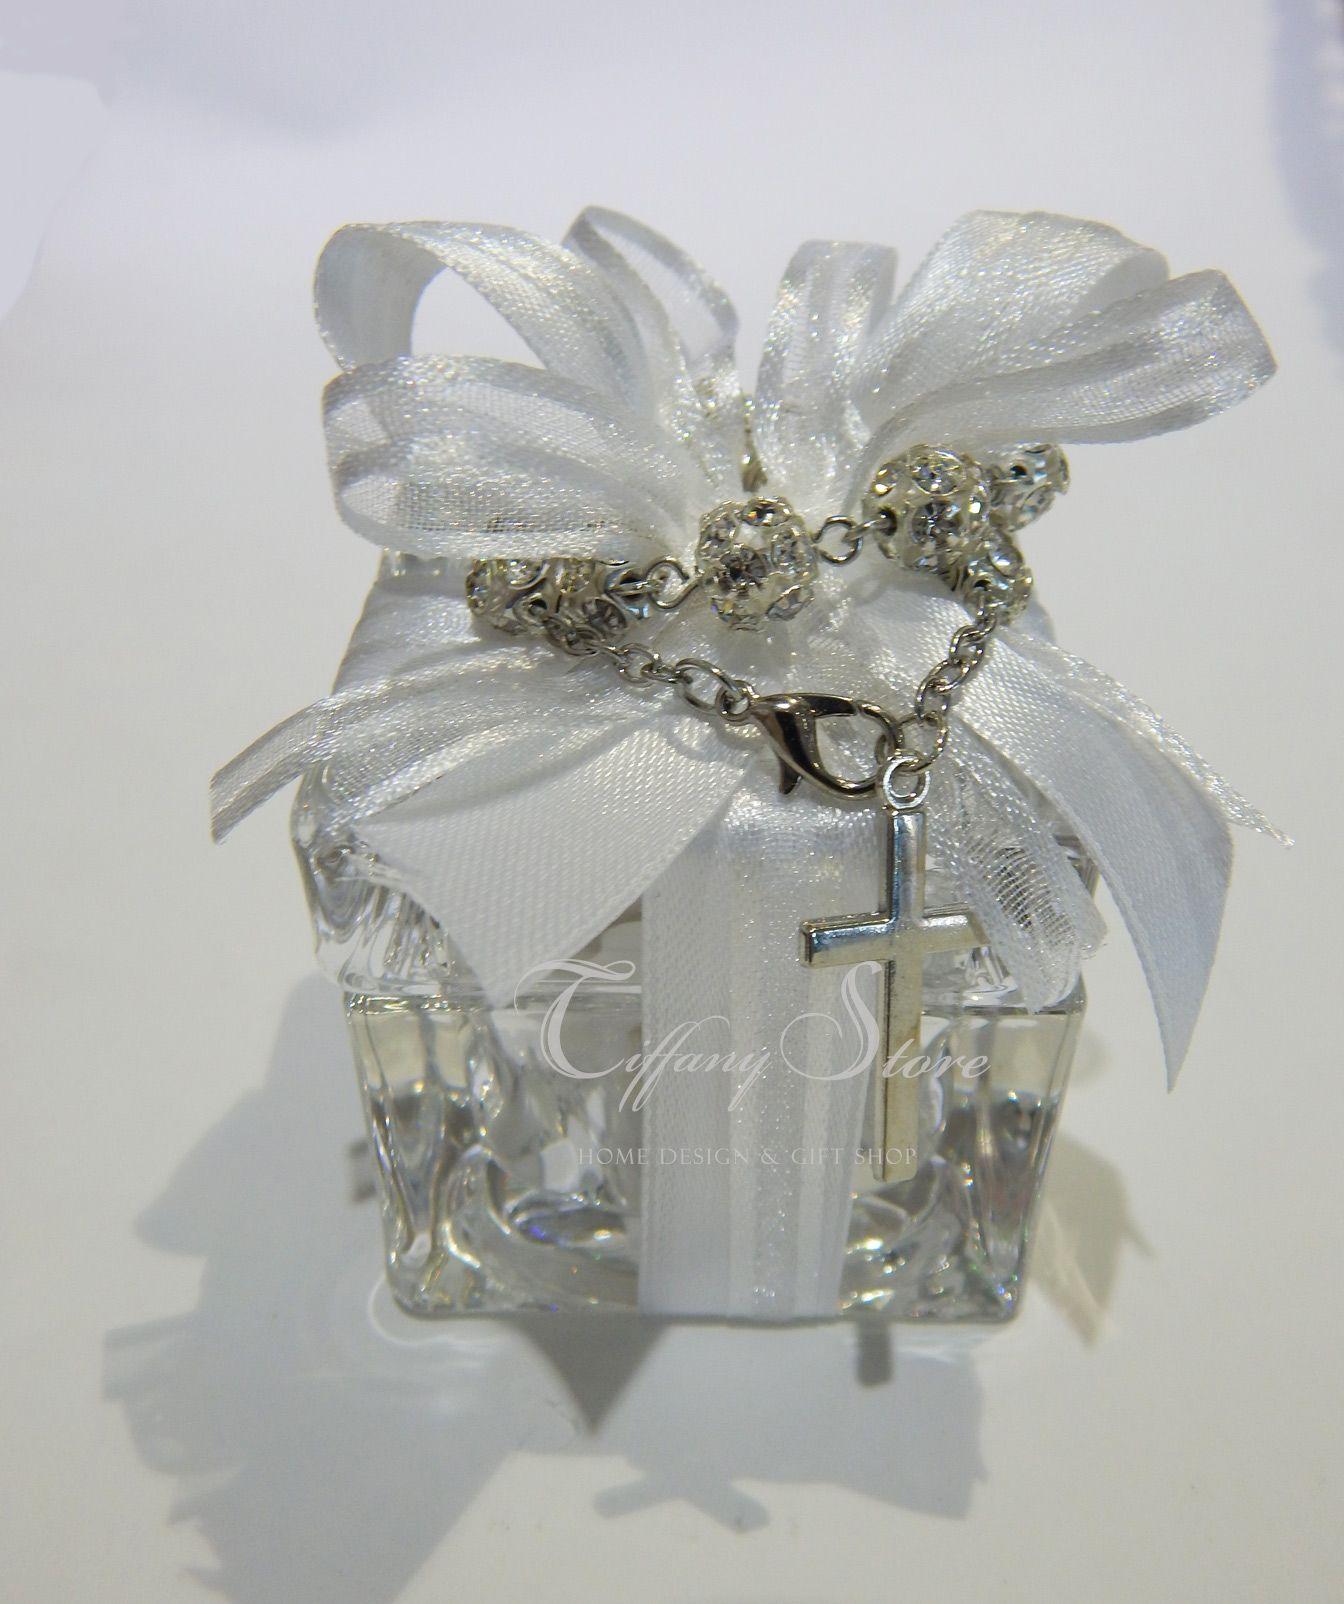 Bomboniere Matrimonio Stile Rustico : Bomboniere scatoline in cristallo multiuso confezionate